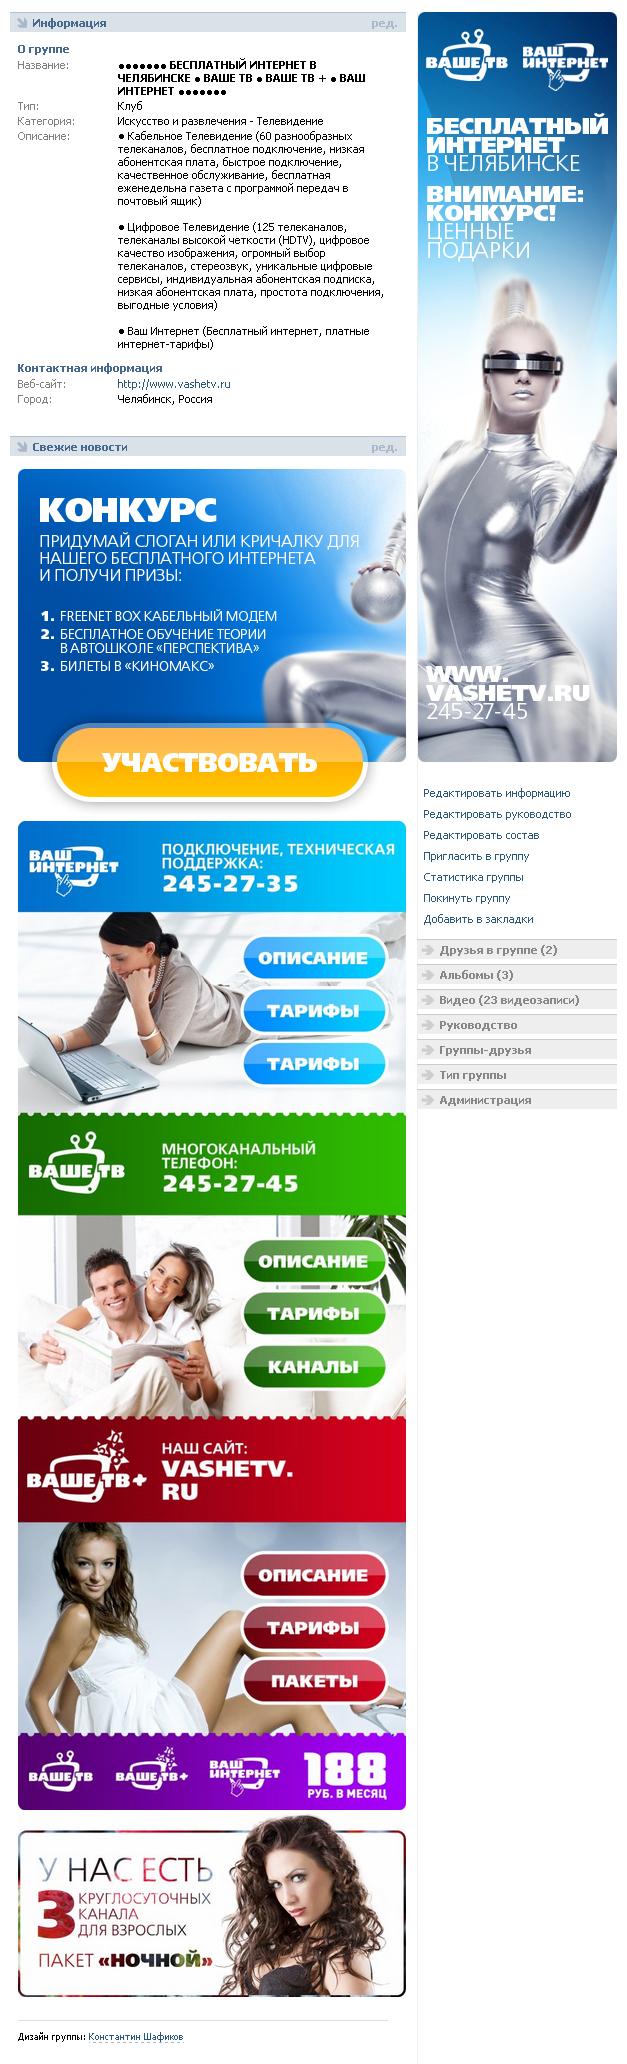 VK — Ваше ТВ, Челябинск